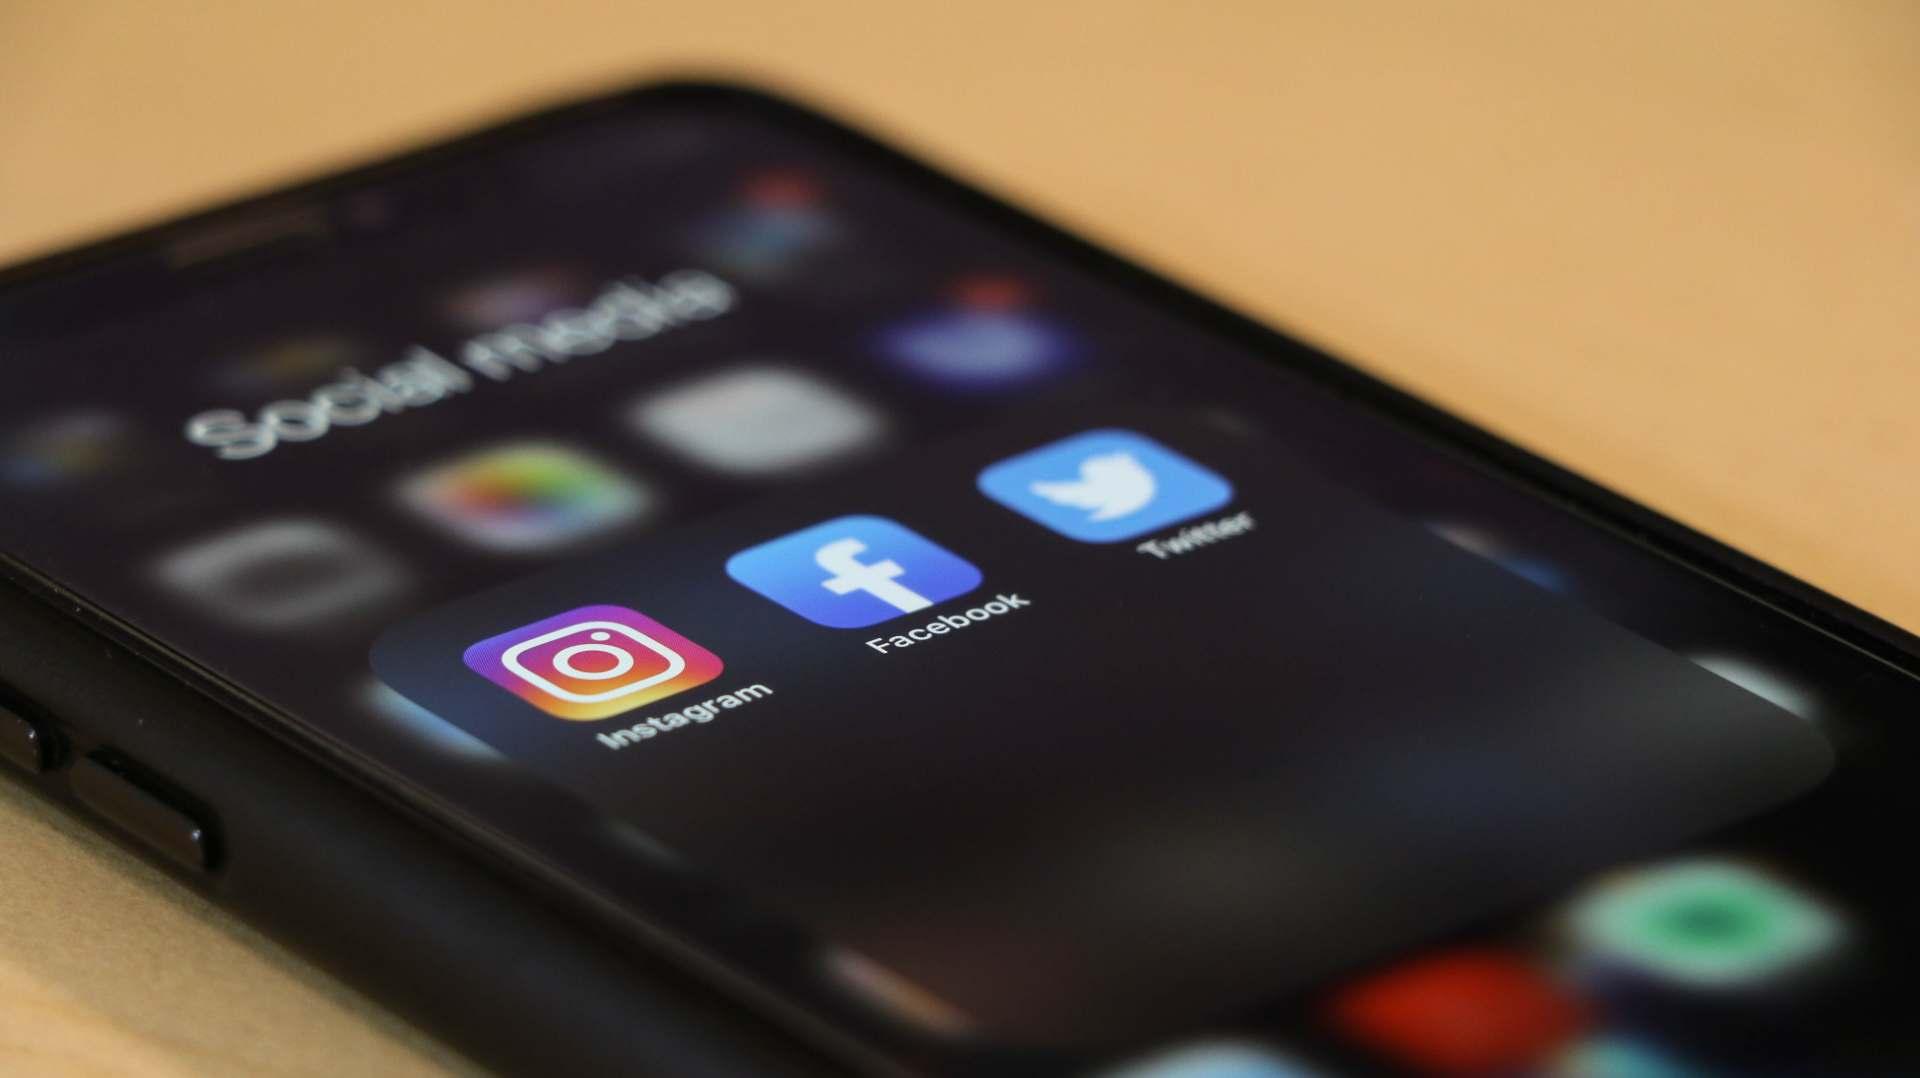 Share something on social media